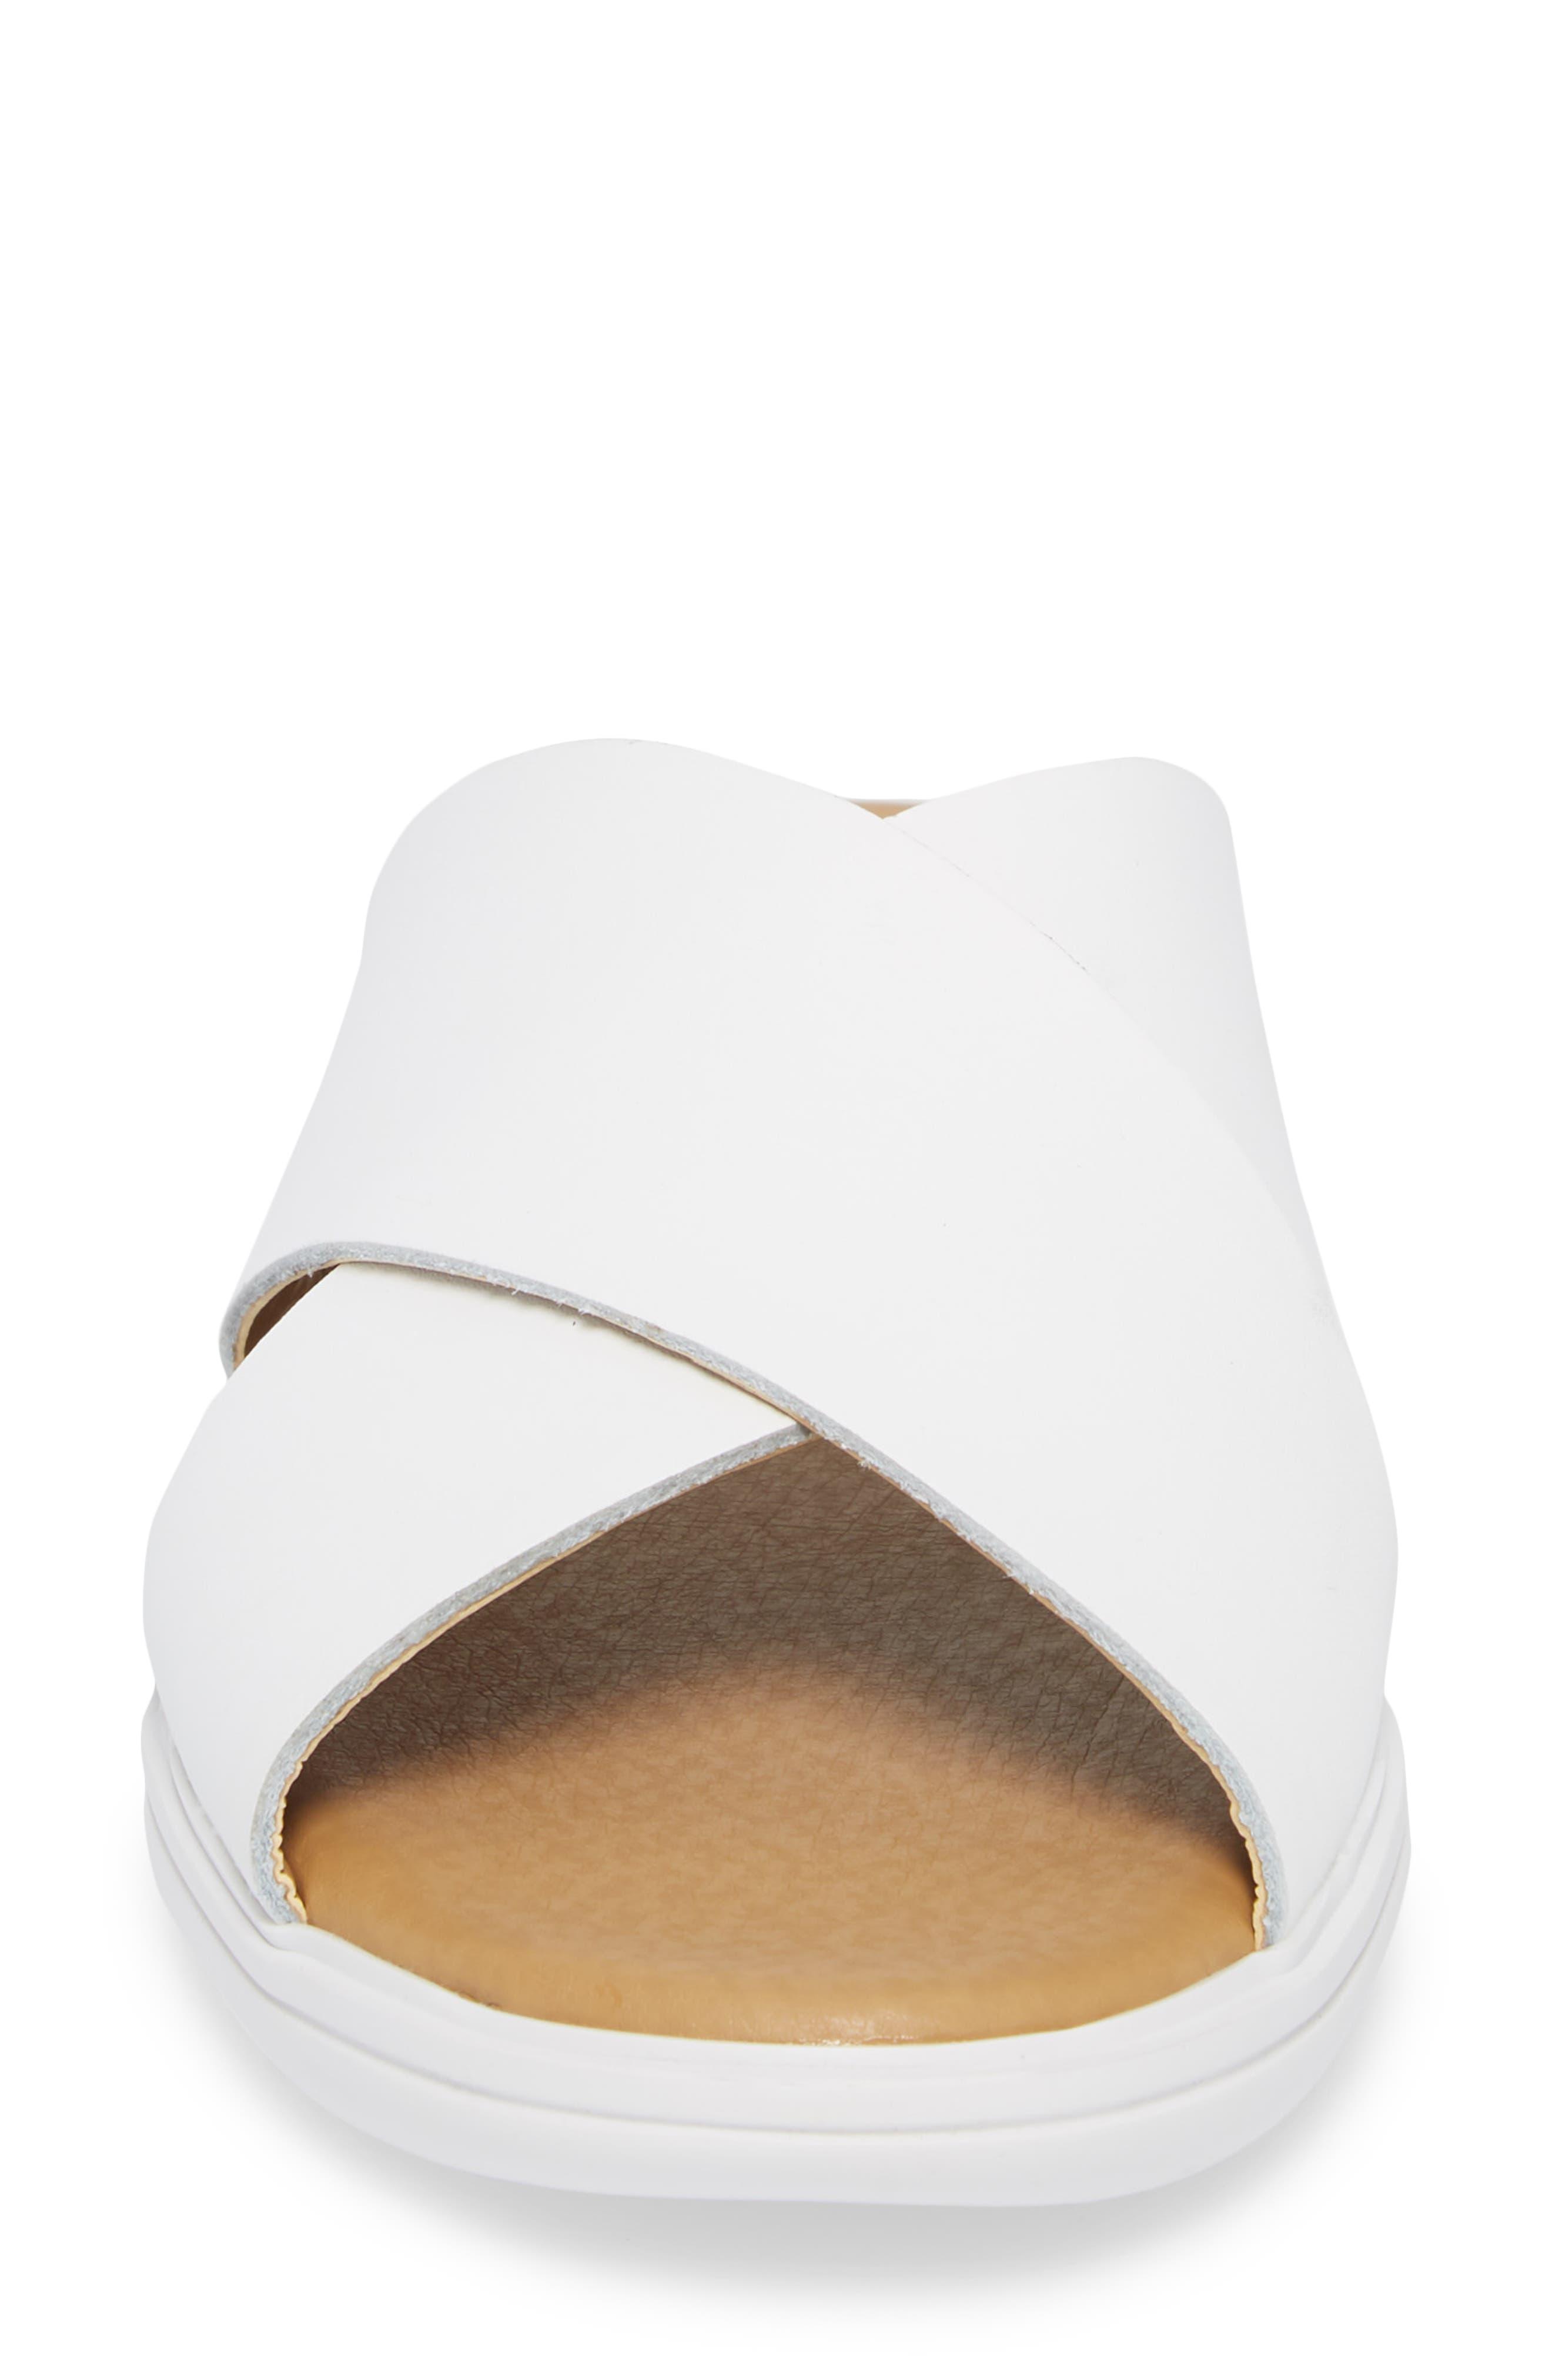 Mahlay Slide Sandal,                             Alternate thumbnail 4, color,                             Optic White Leather